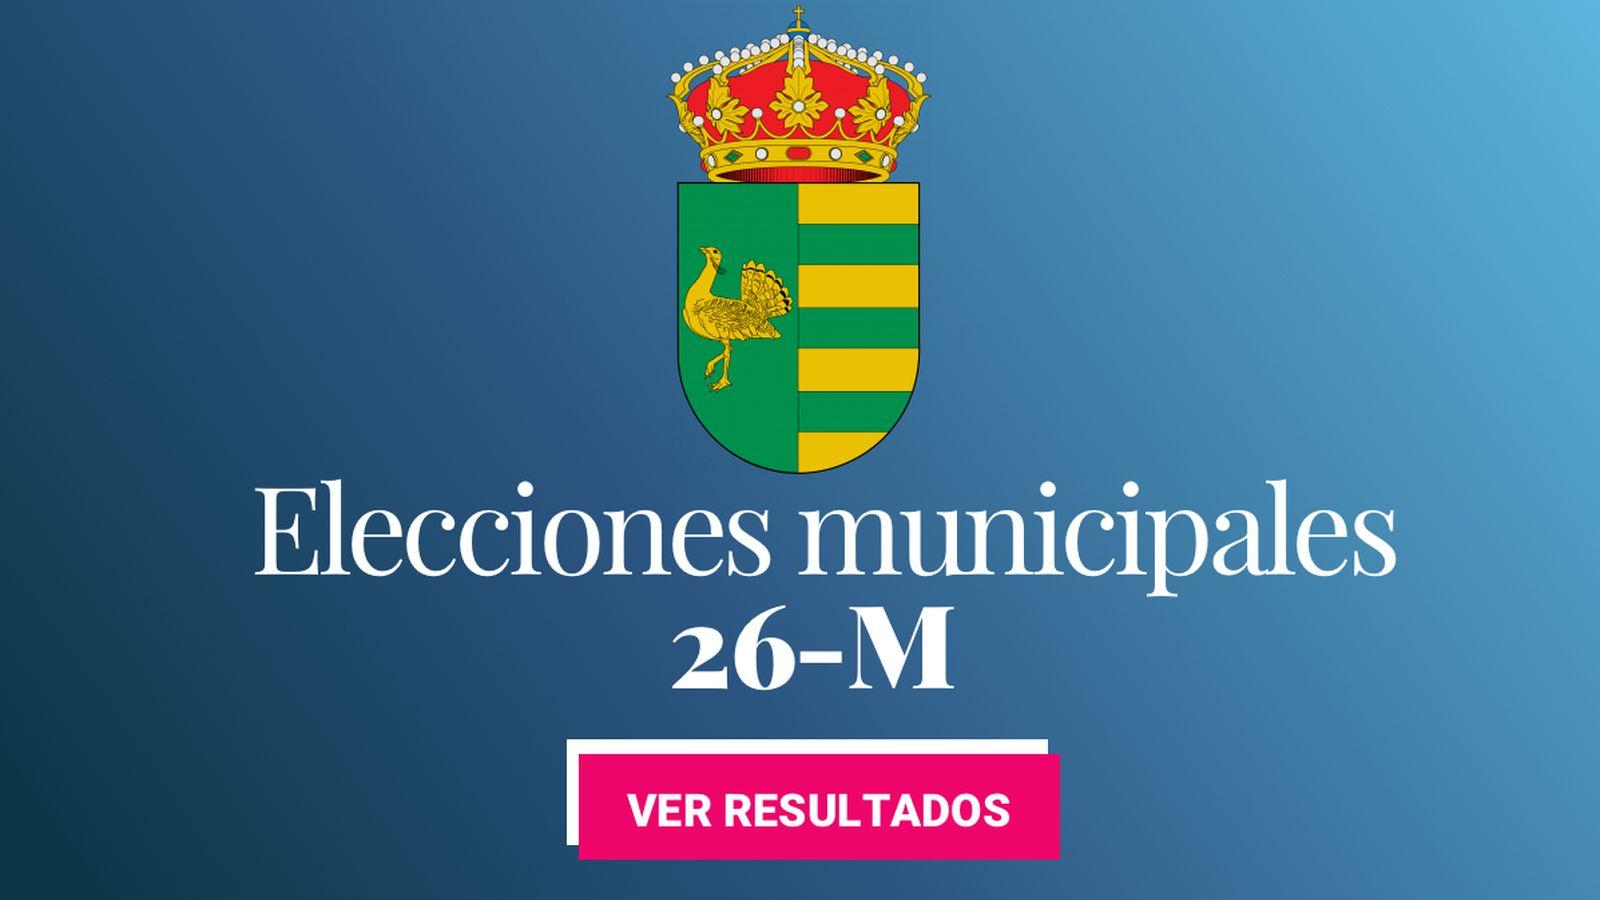 Foto: Elecciones municipales 2019 en Parla. (C.C./EC)